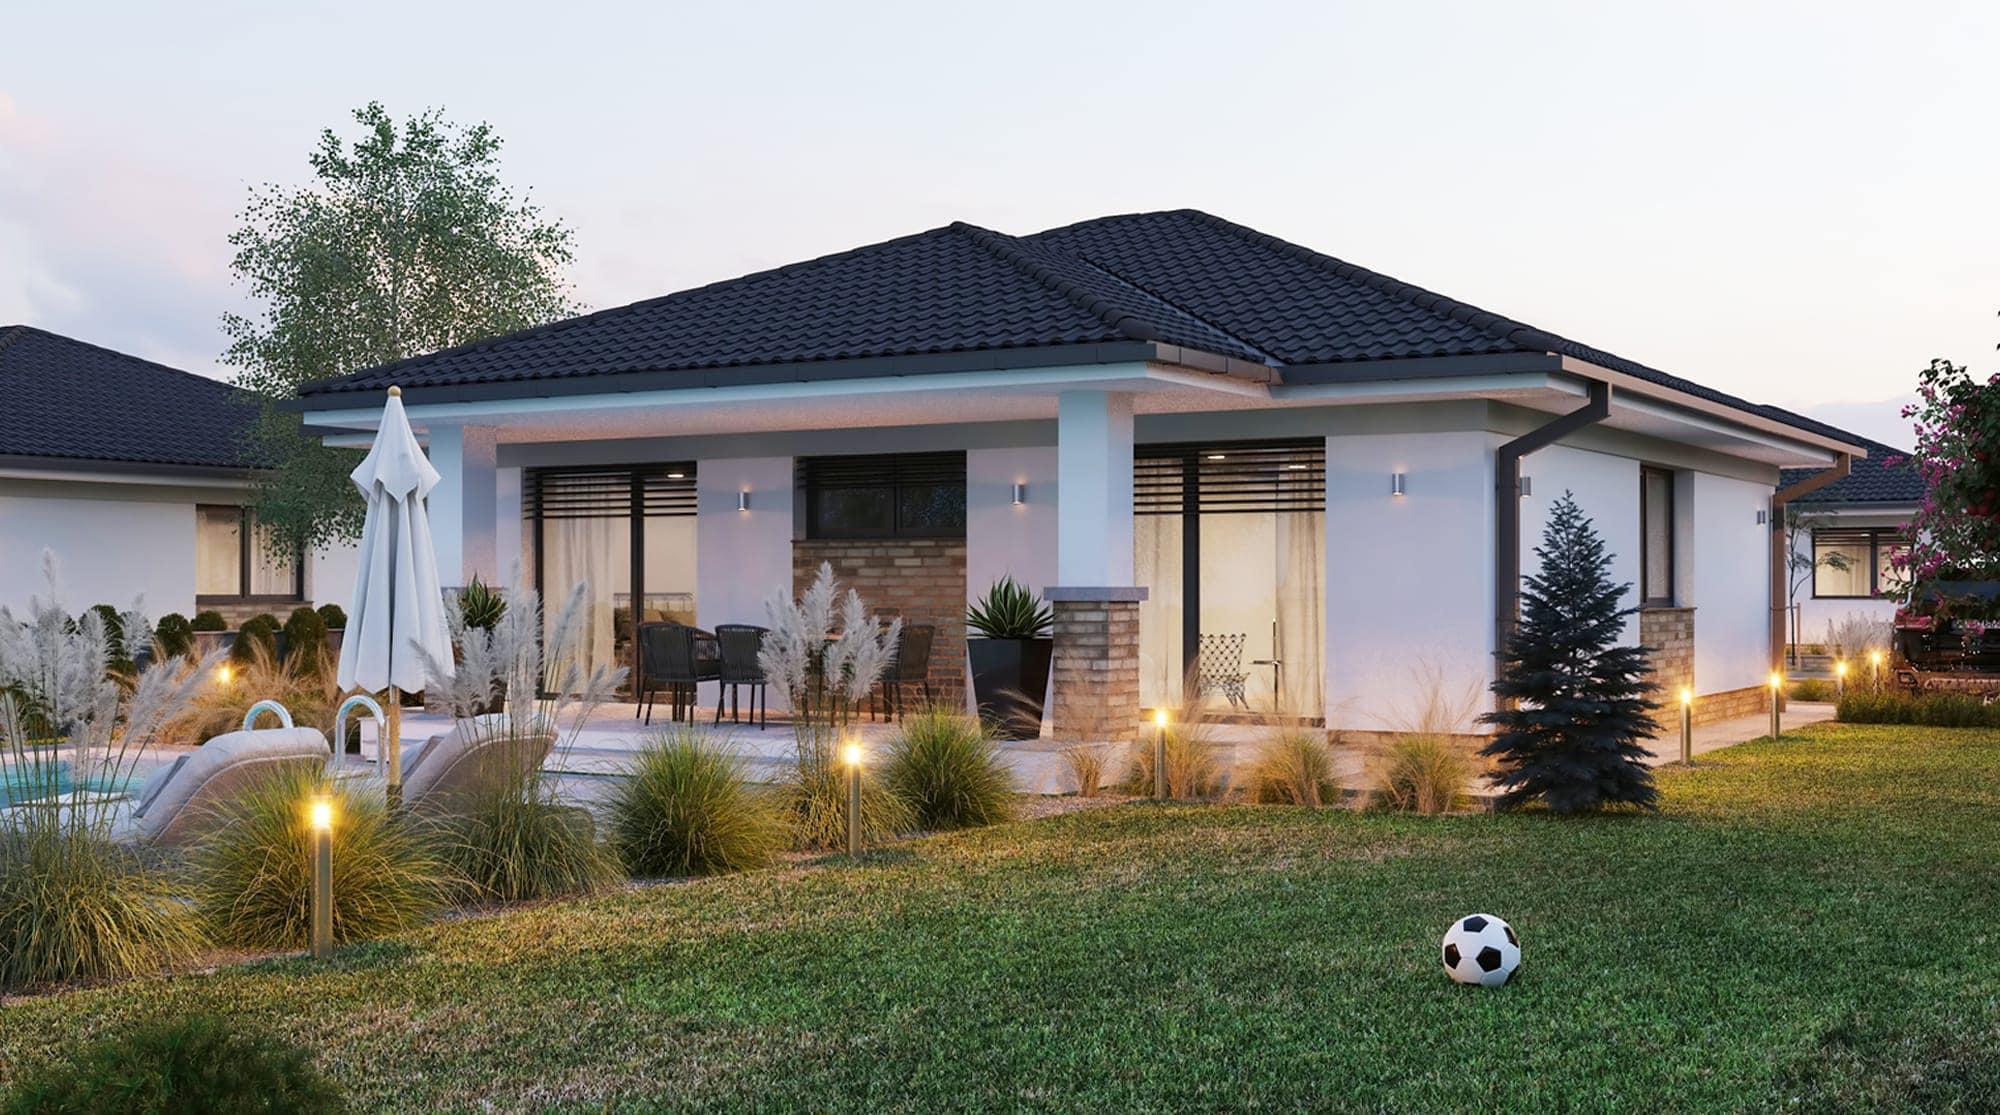 projekt rodinného domu style 236